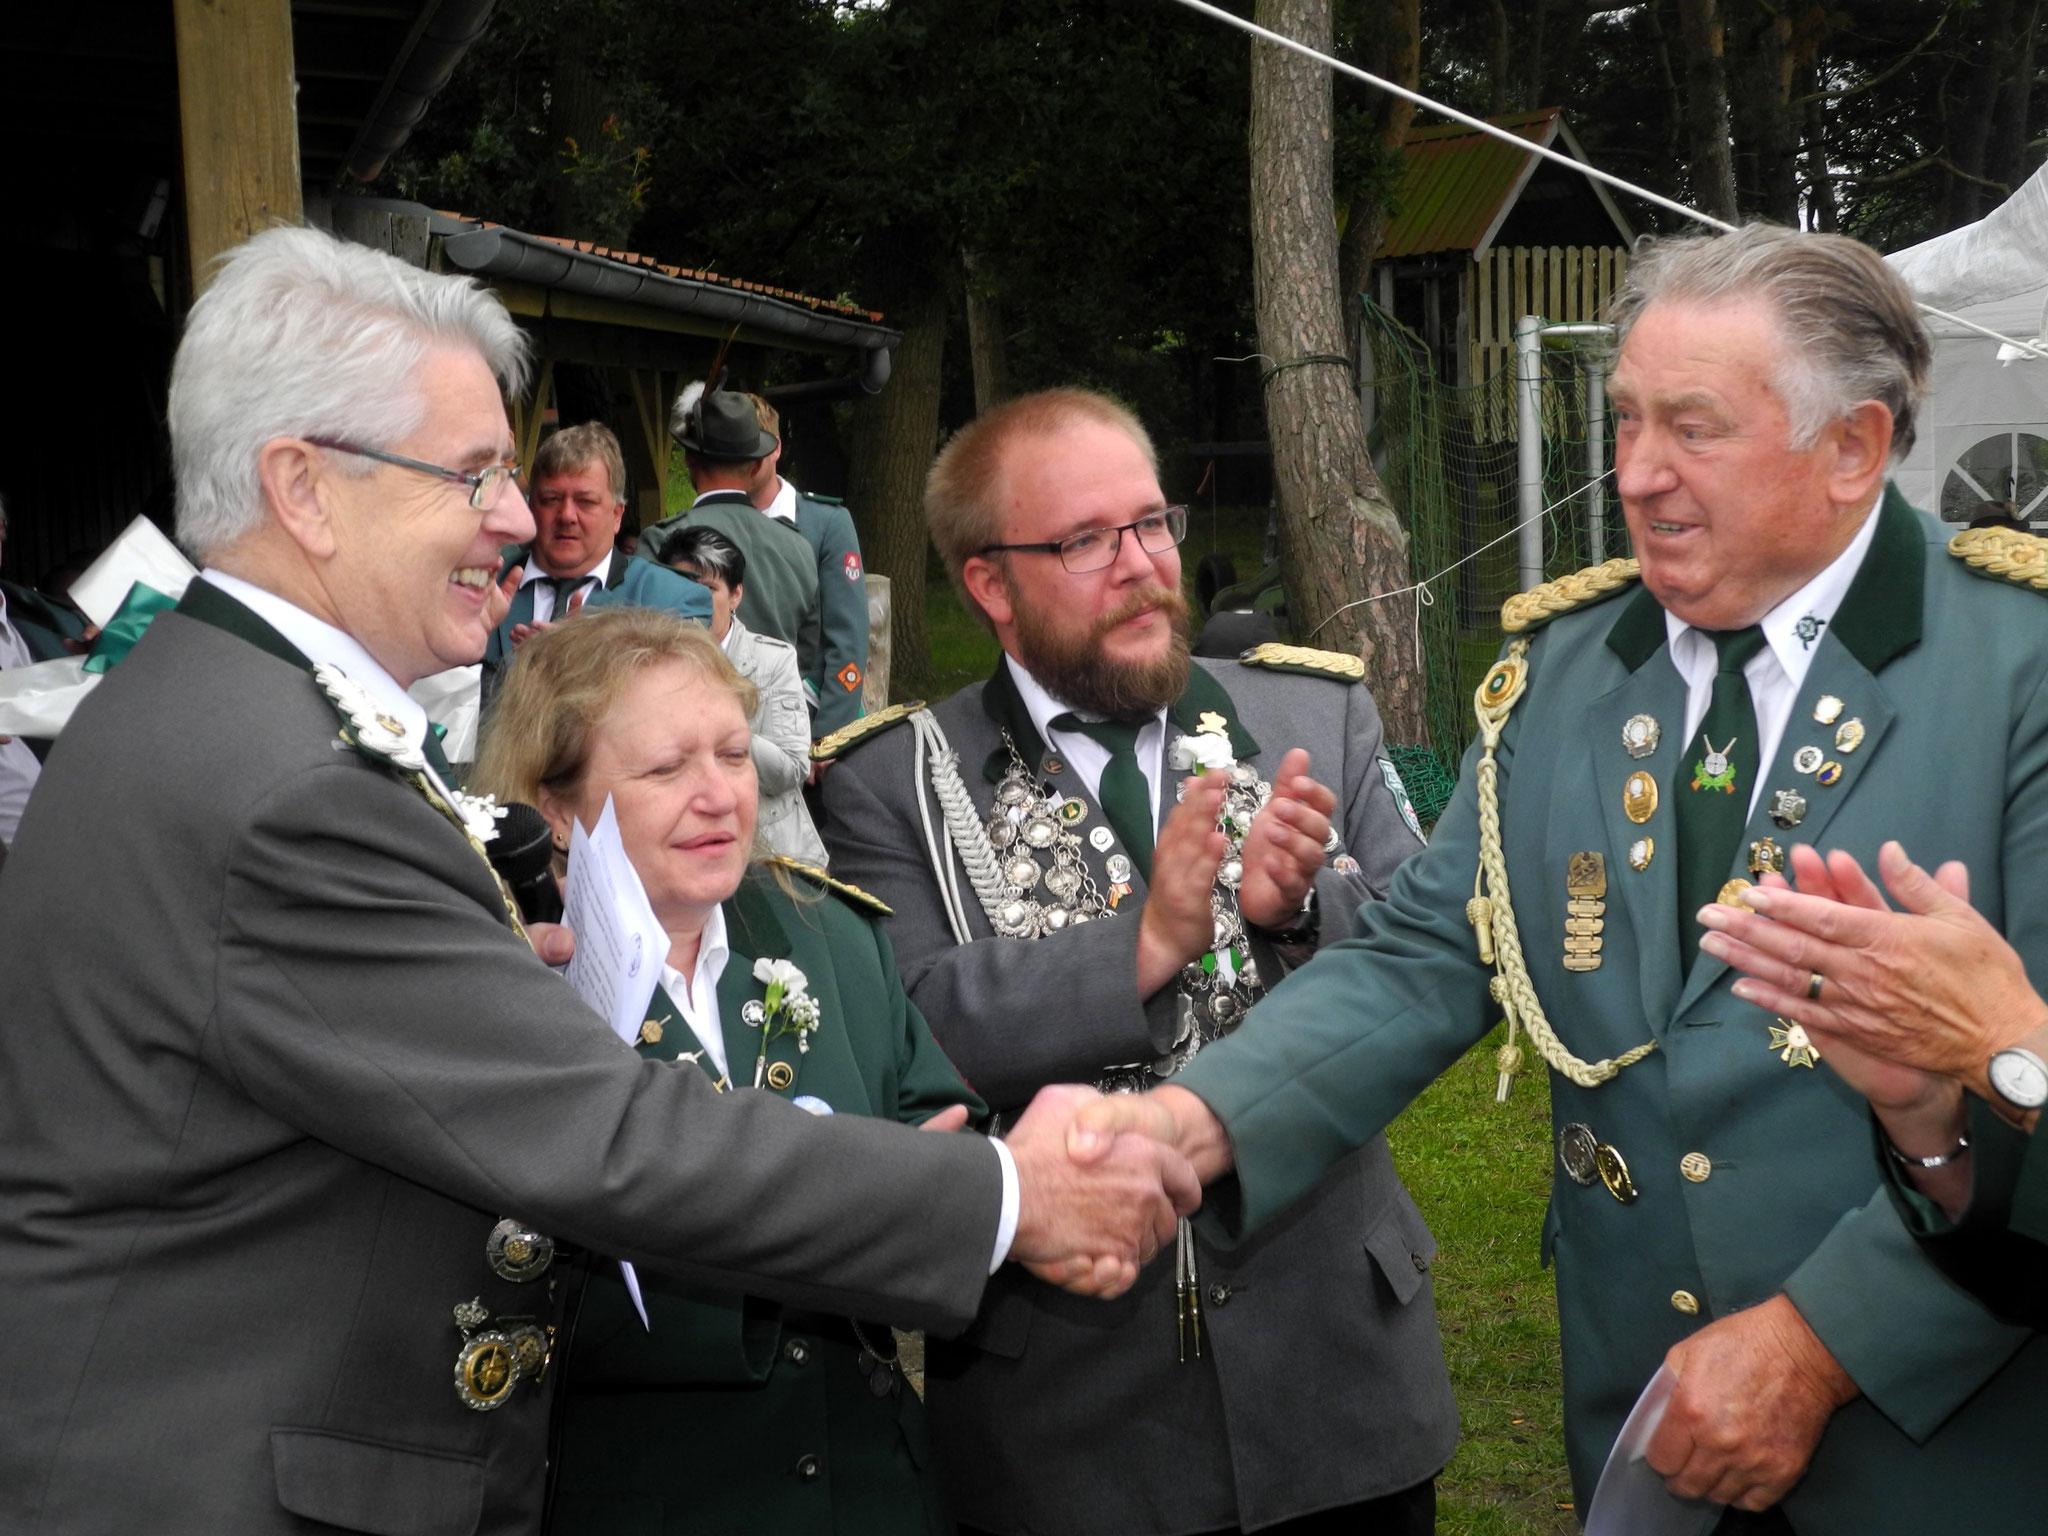 Gratulation durch den Verbandsgeschäftsführer. Foto: Bauer